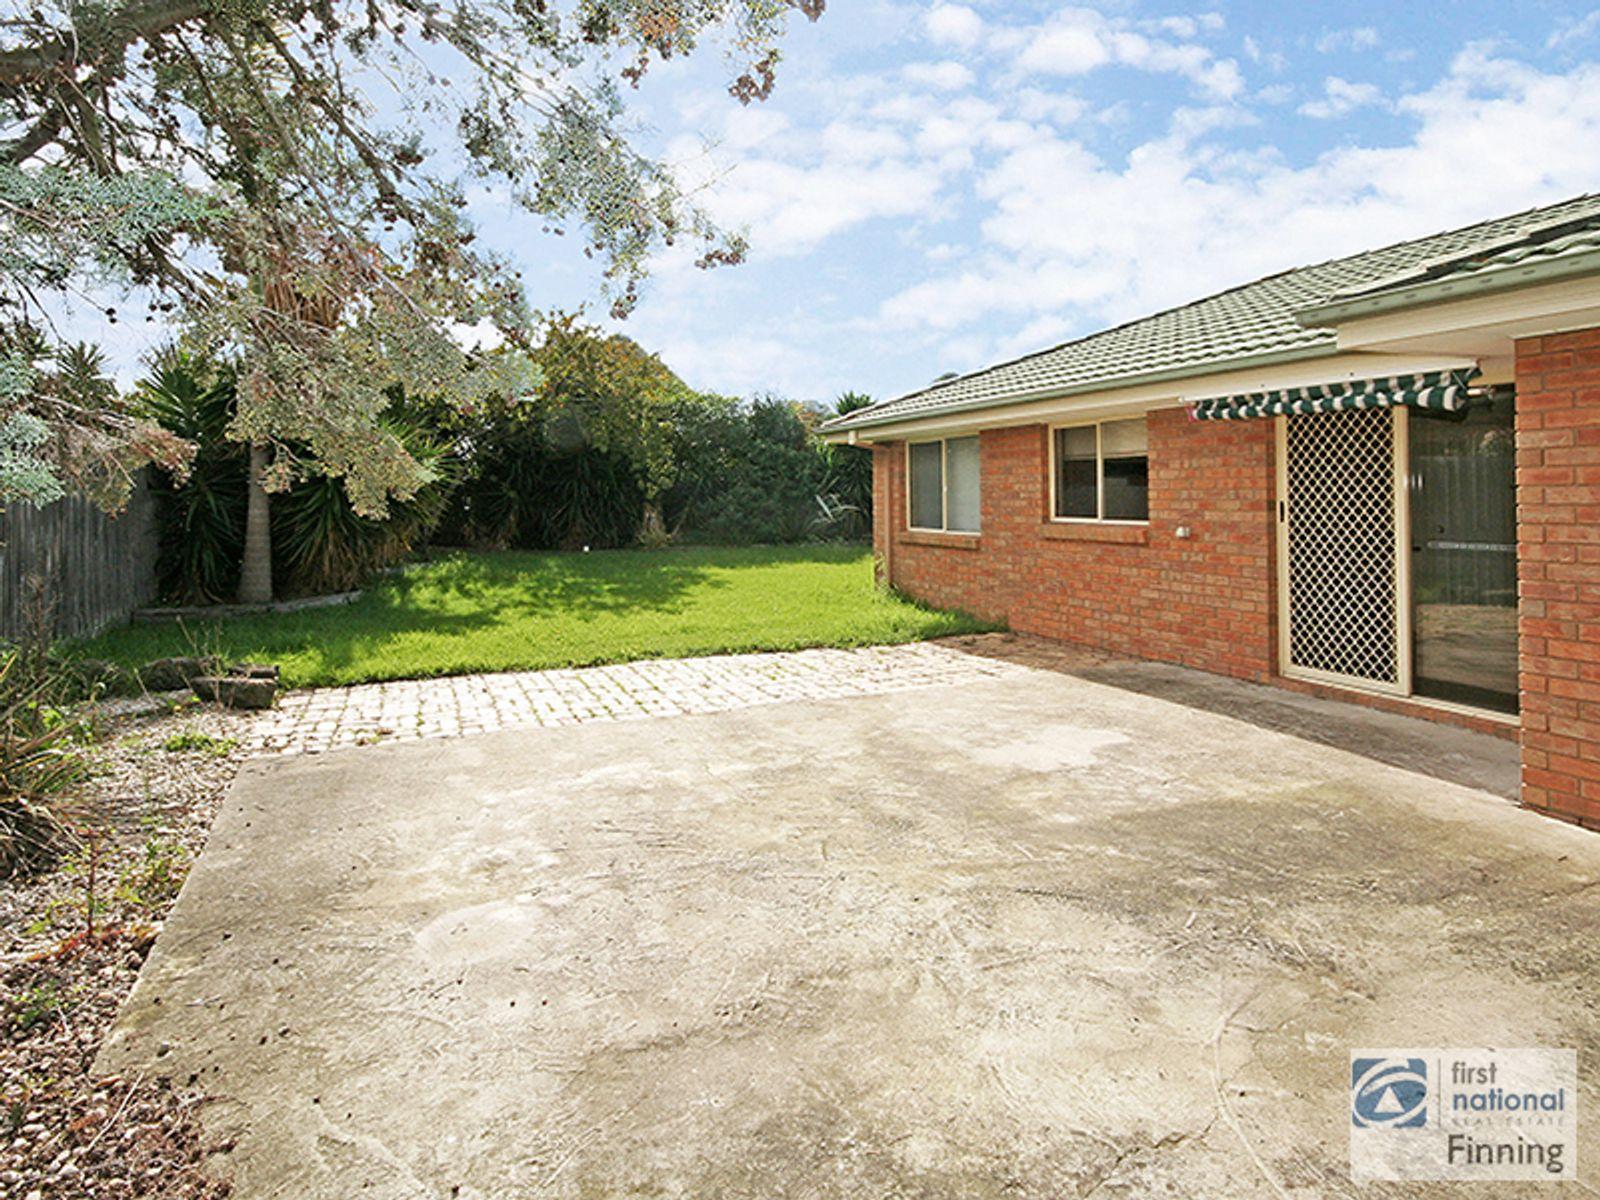 57 Breamlea Way, Cranbourne East, VIC 3977